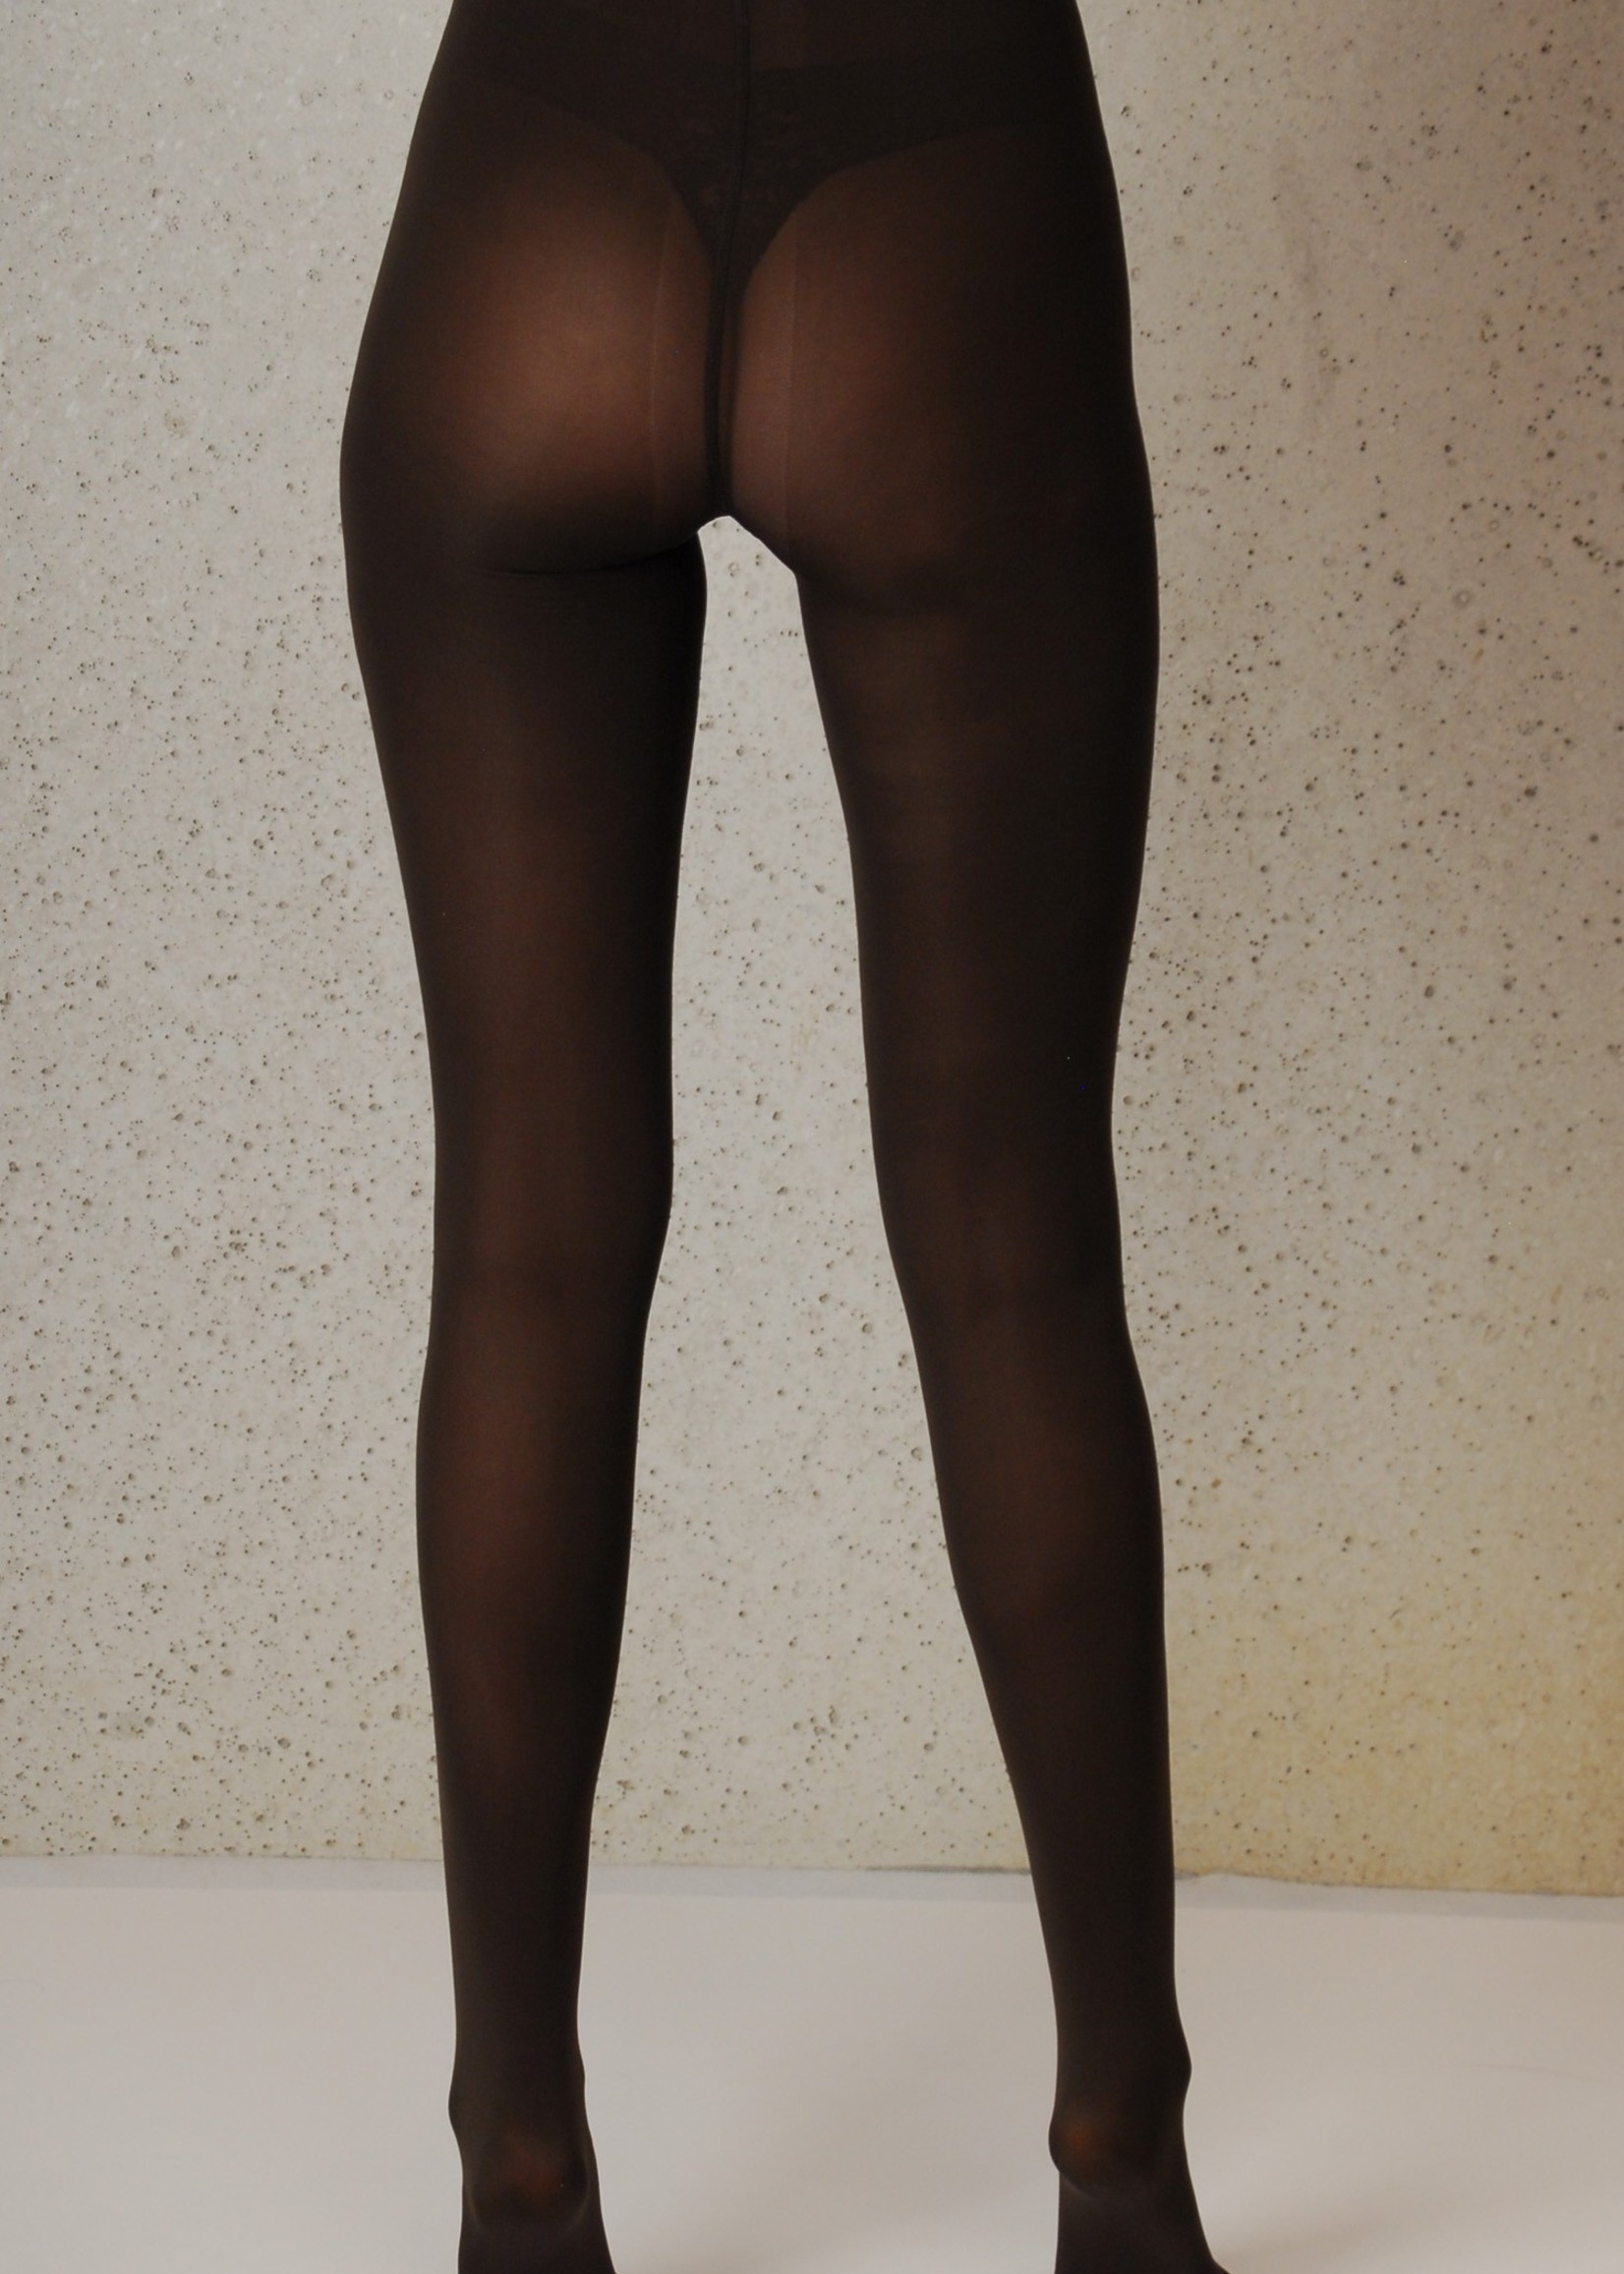 Omero Omero Iride opaque 50den 3D Panty - Koffie (bruin)